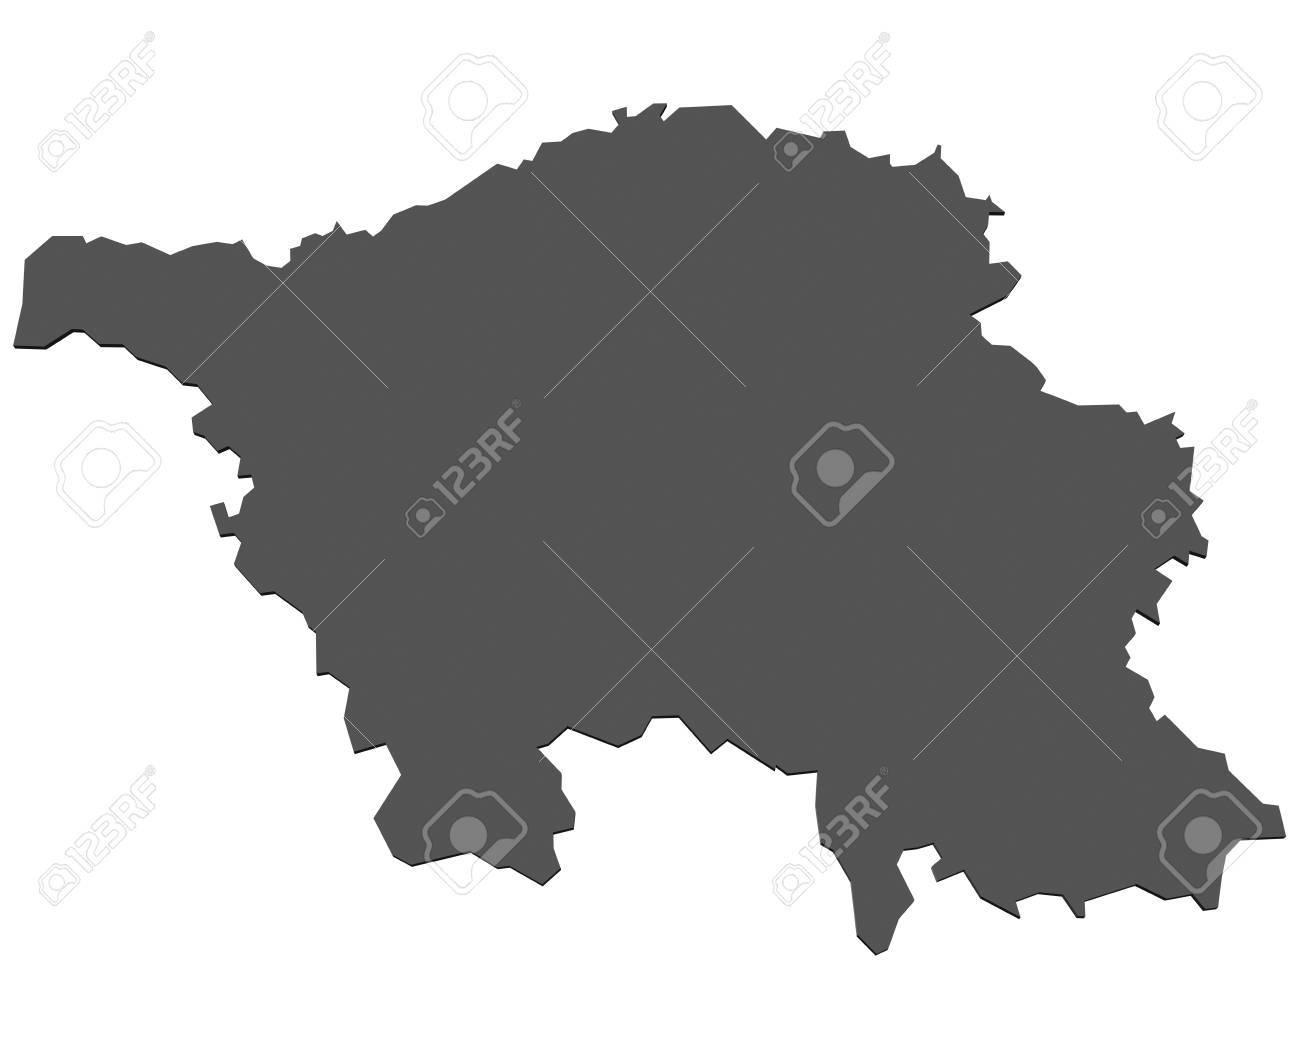 ザールラント州 - ドイツの分離...